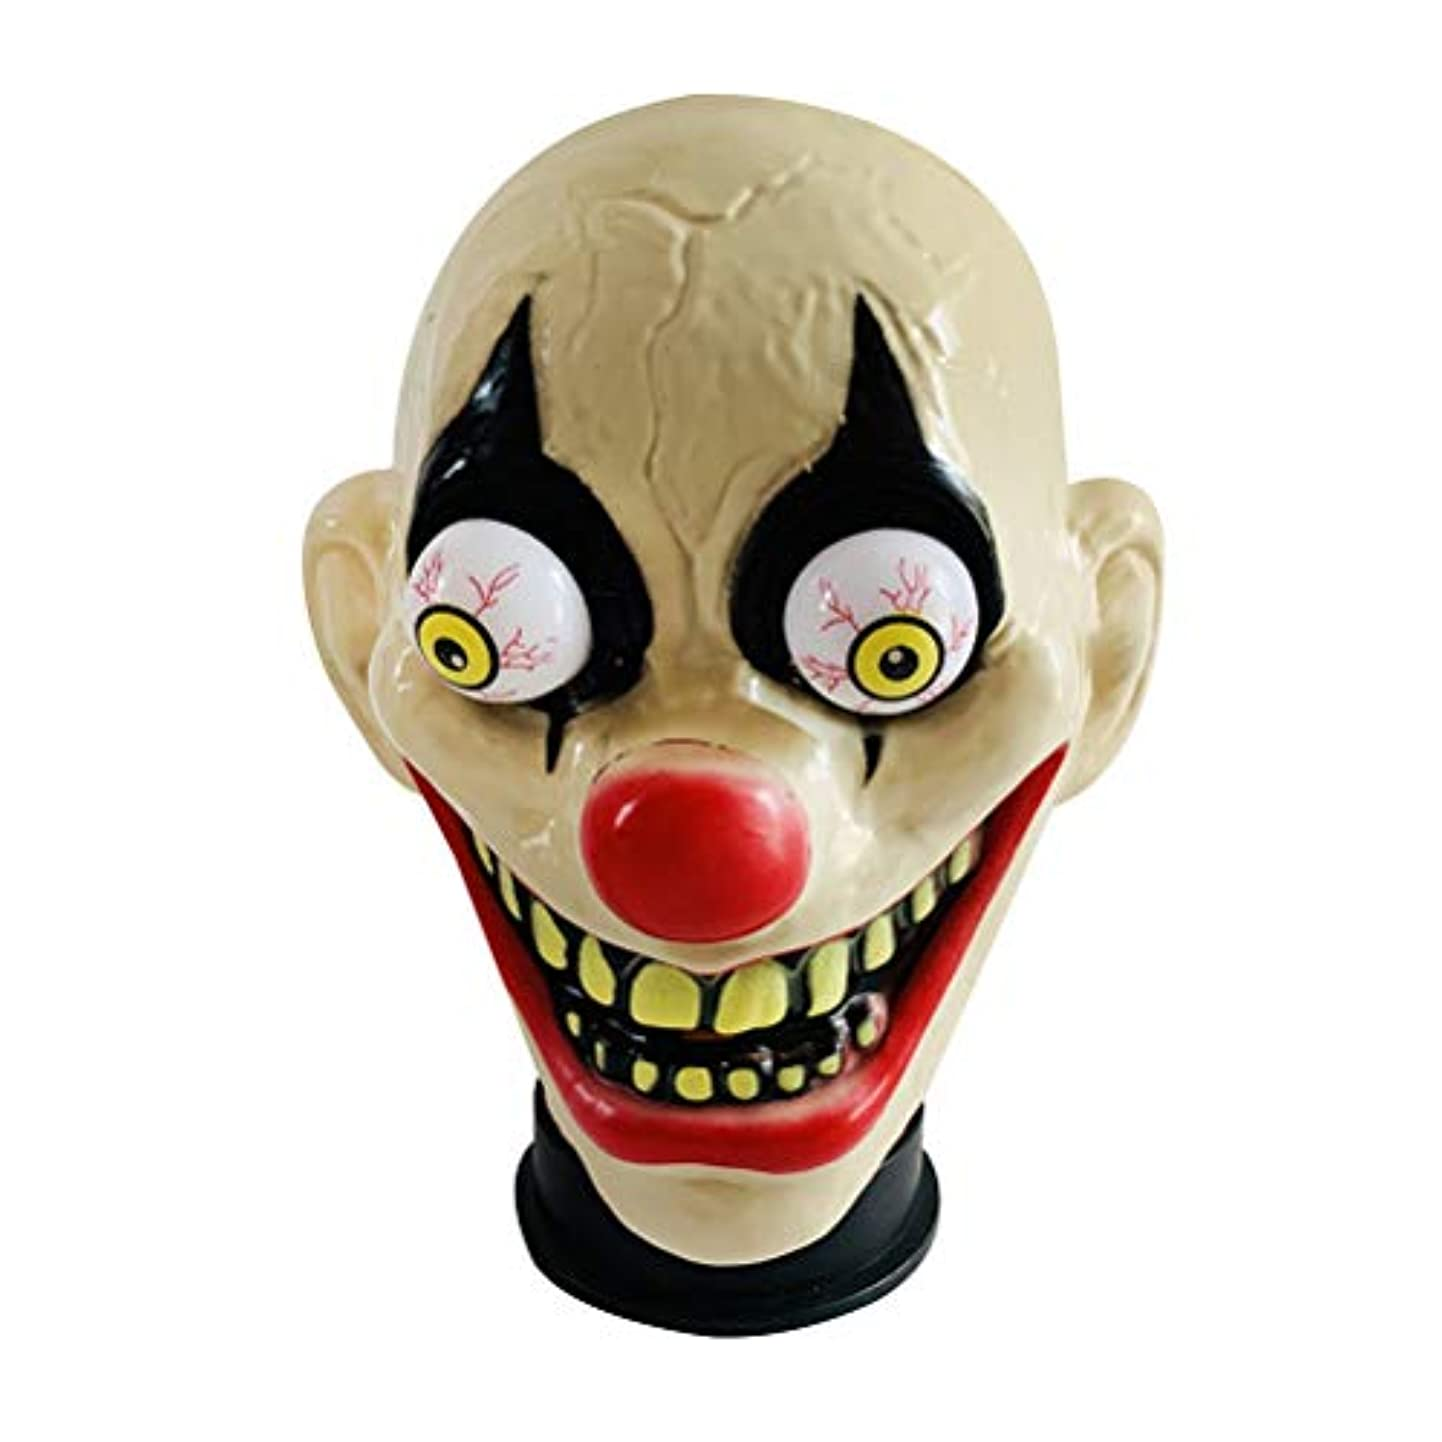 八百屋さん台無しに活力BESTOYARD ハロウィーン怖いピエロマスクテロホラーピエロヘッドカバーハロウィンコスプレパーティー用男性用マスク(ピエロタイプ)